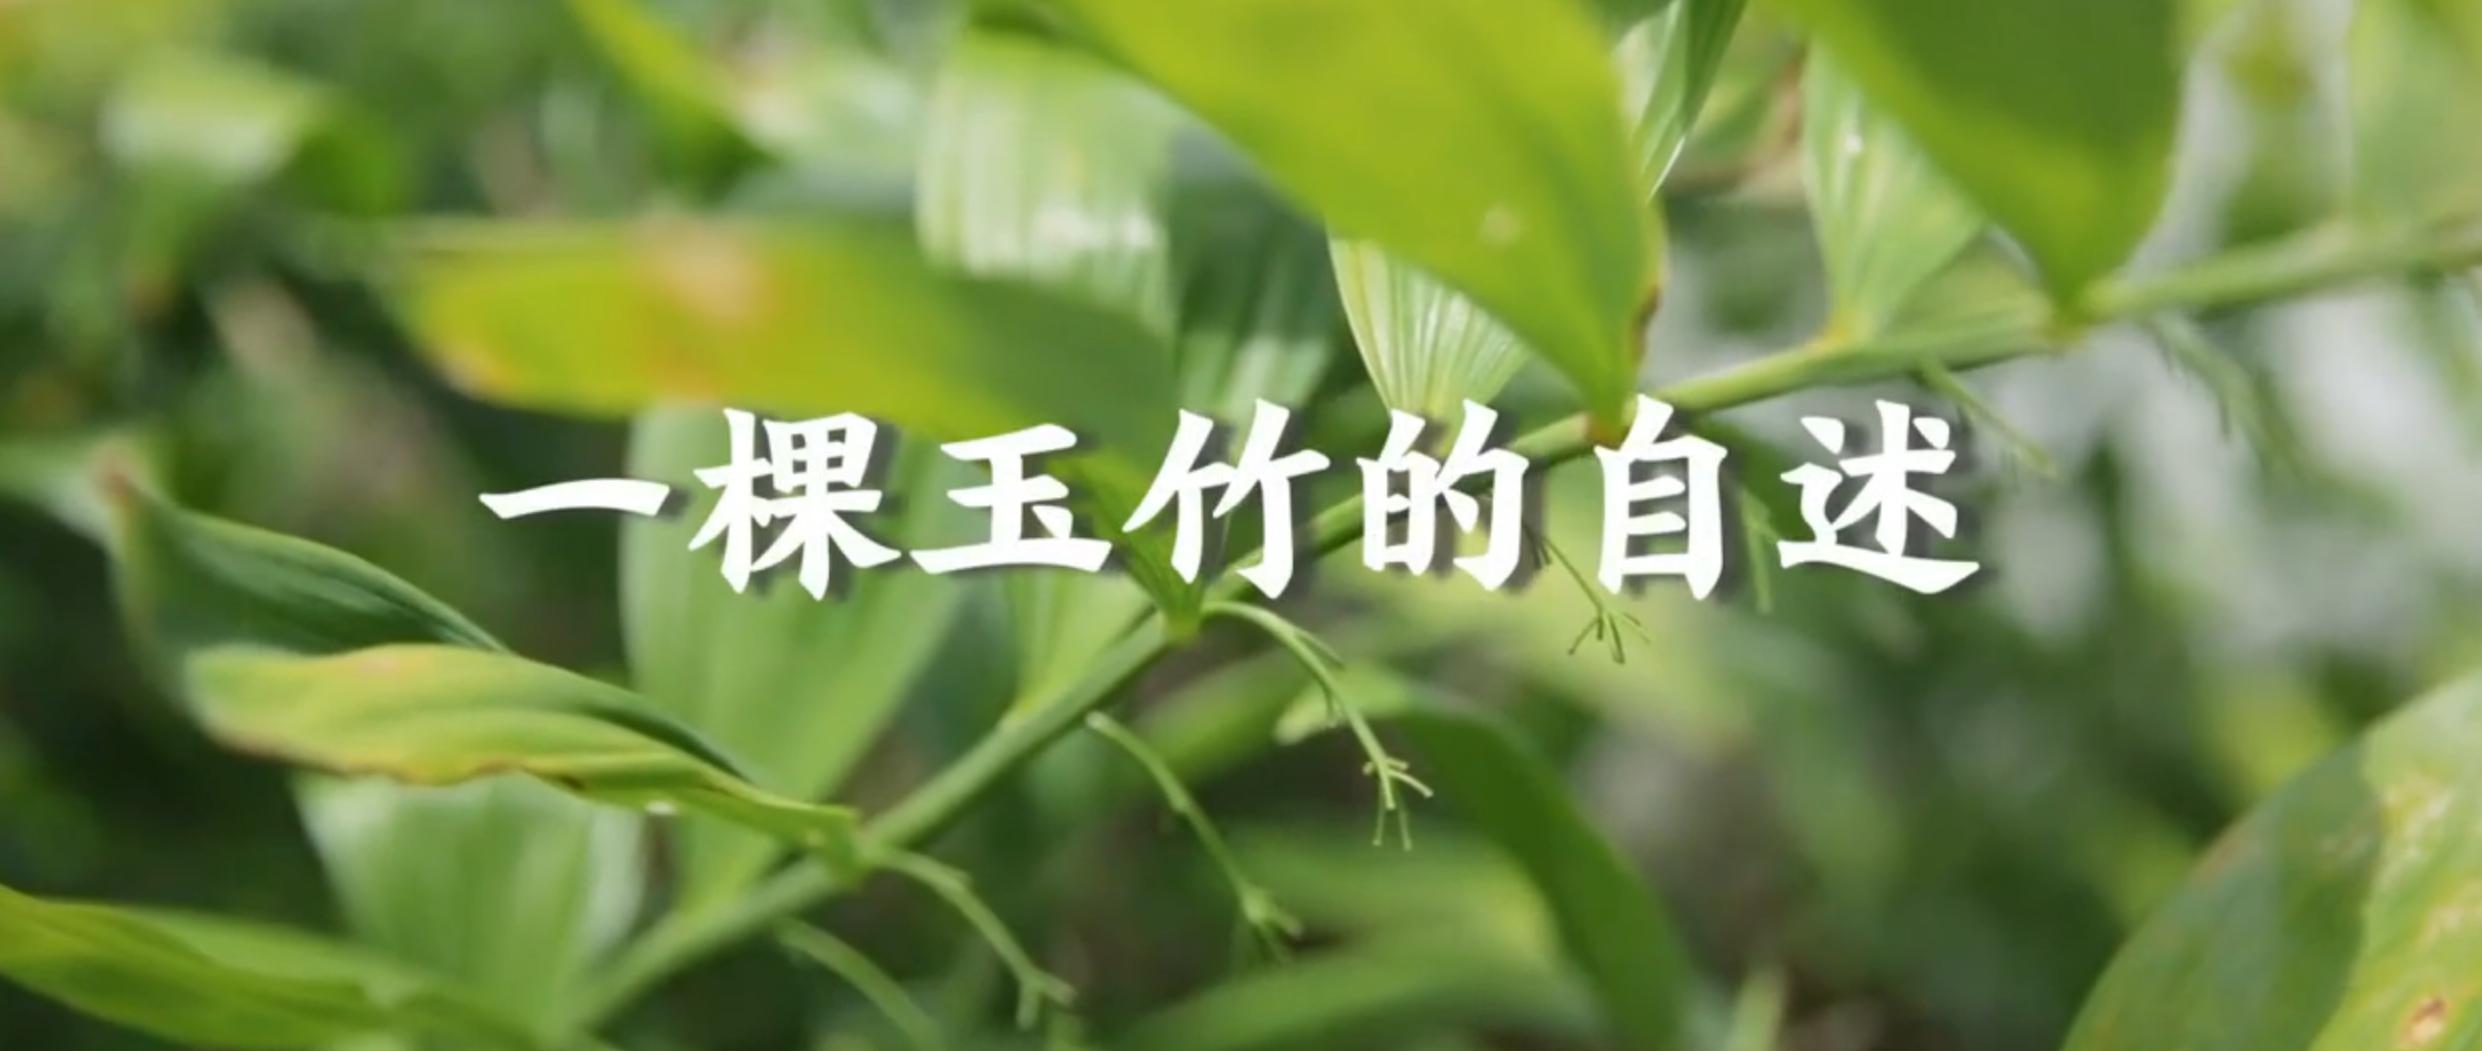 桂阳微纪录:以玉竹之名,助脱贫攻坚